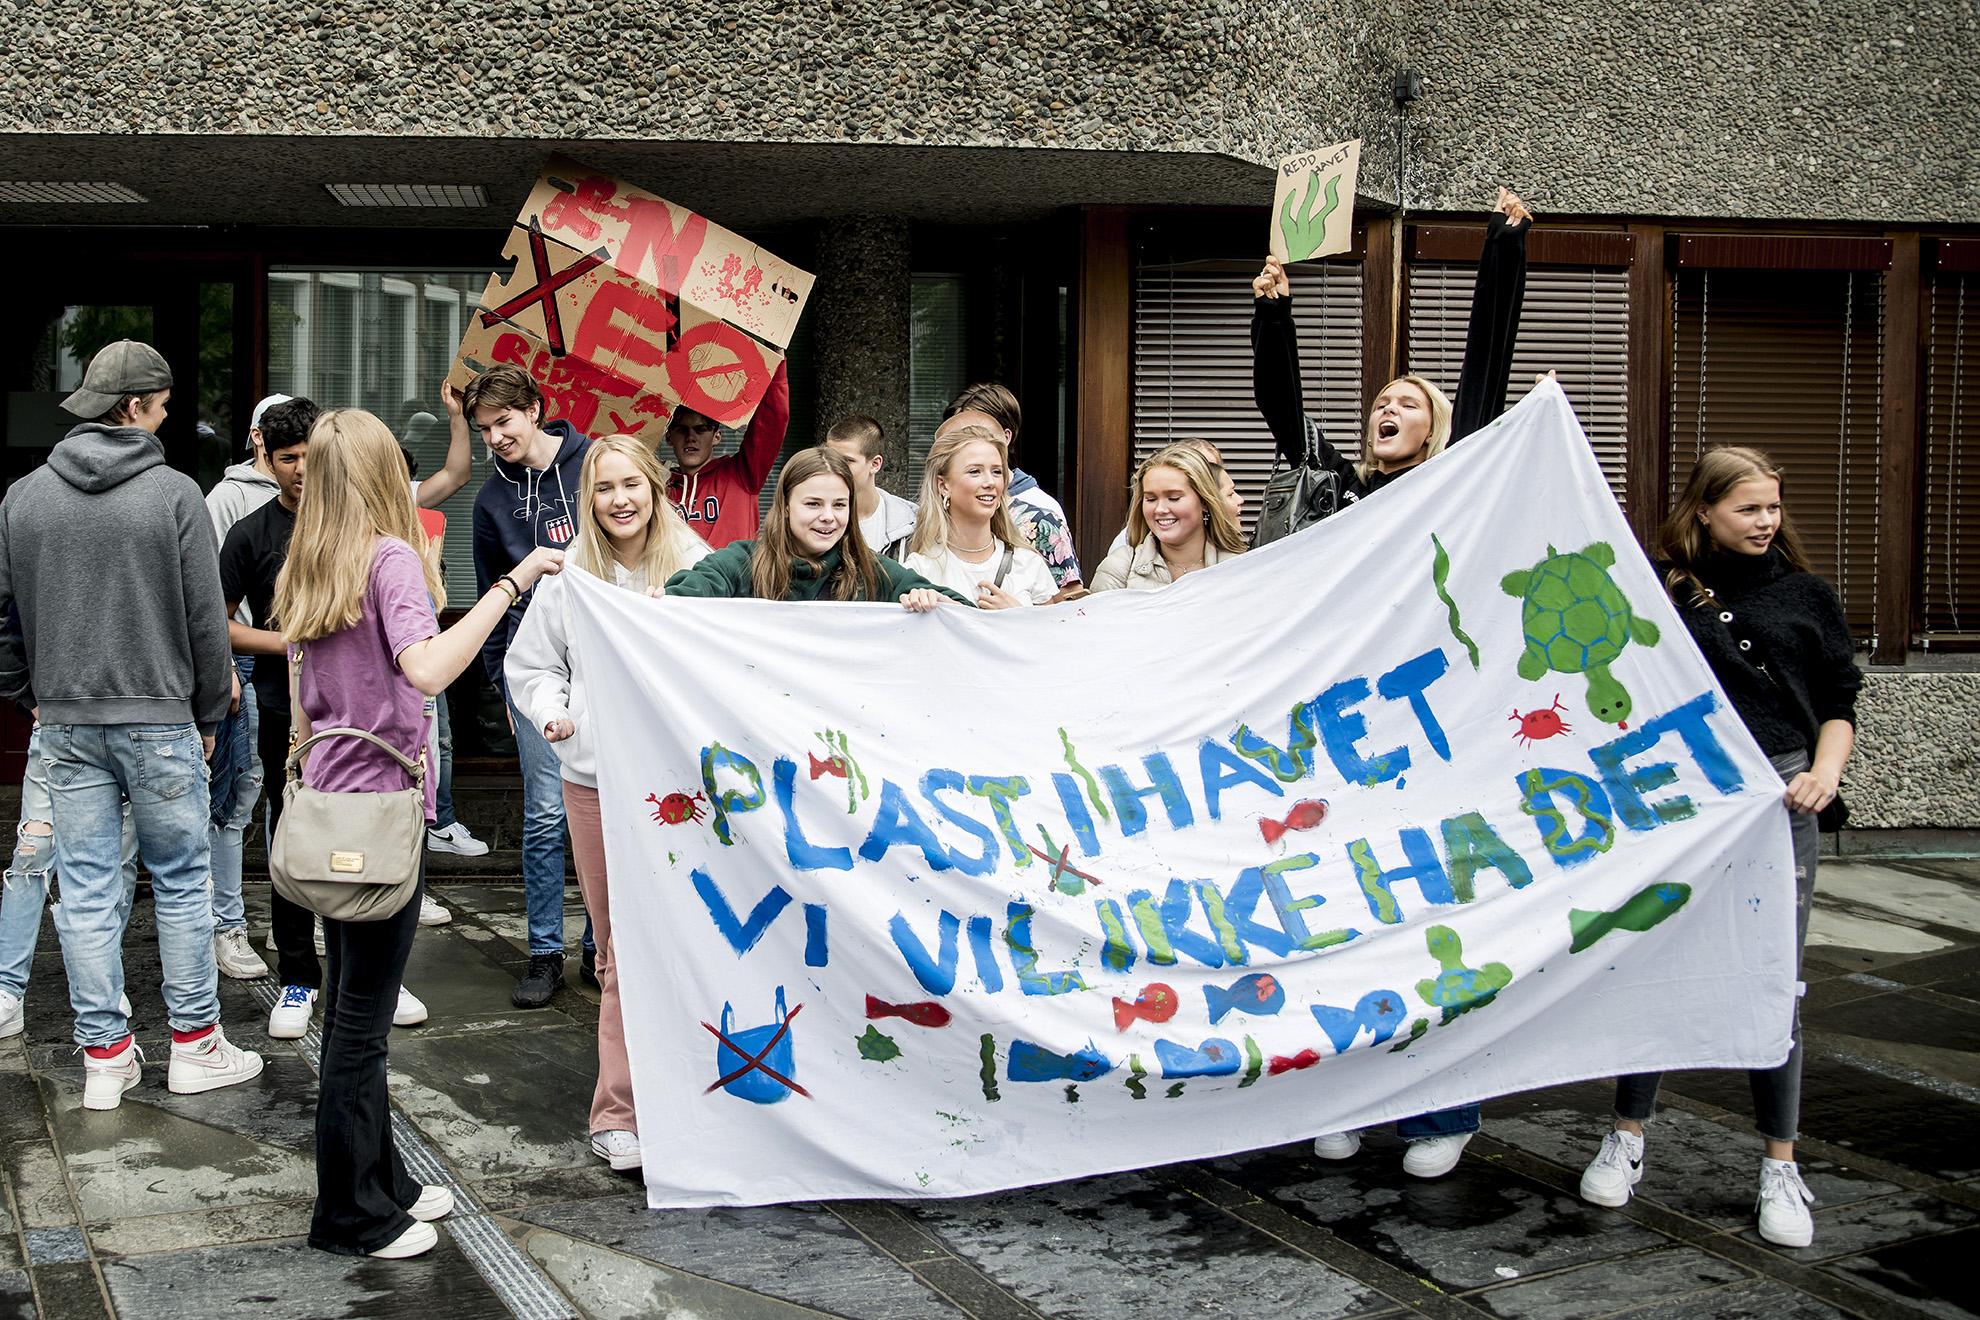 """Ungdom med stort banner med påmalt tekst: """"Plast i havet, vi vil ikke ha det"""""""